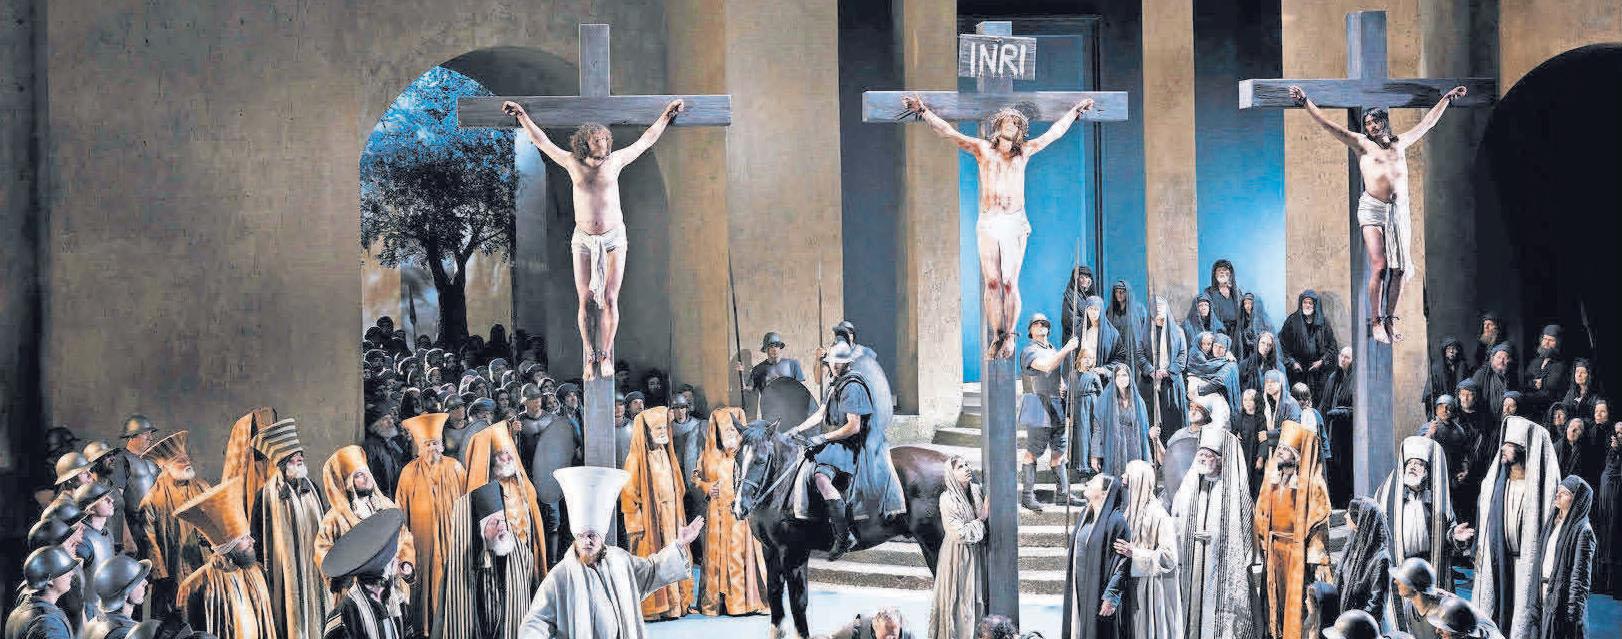 Bei einer sechstägigen Busreise werden auch die Passionsspiele in Oberammergau besucht.